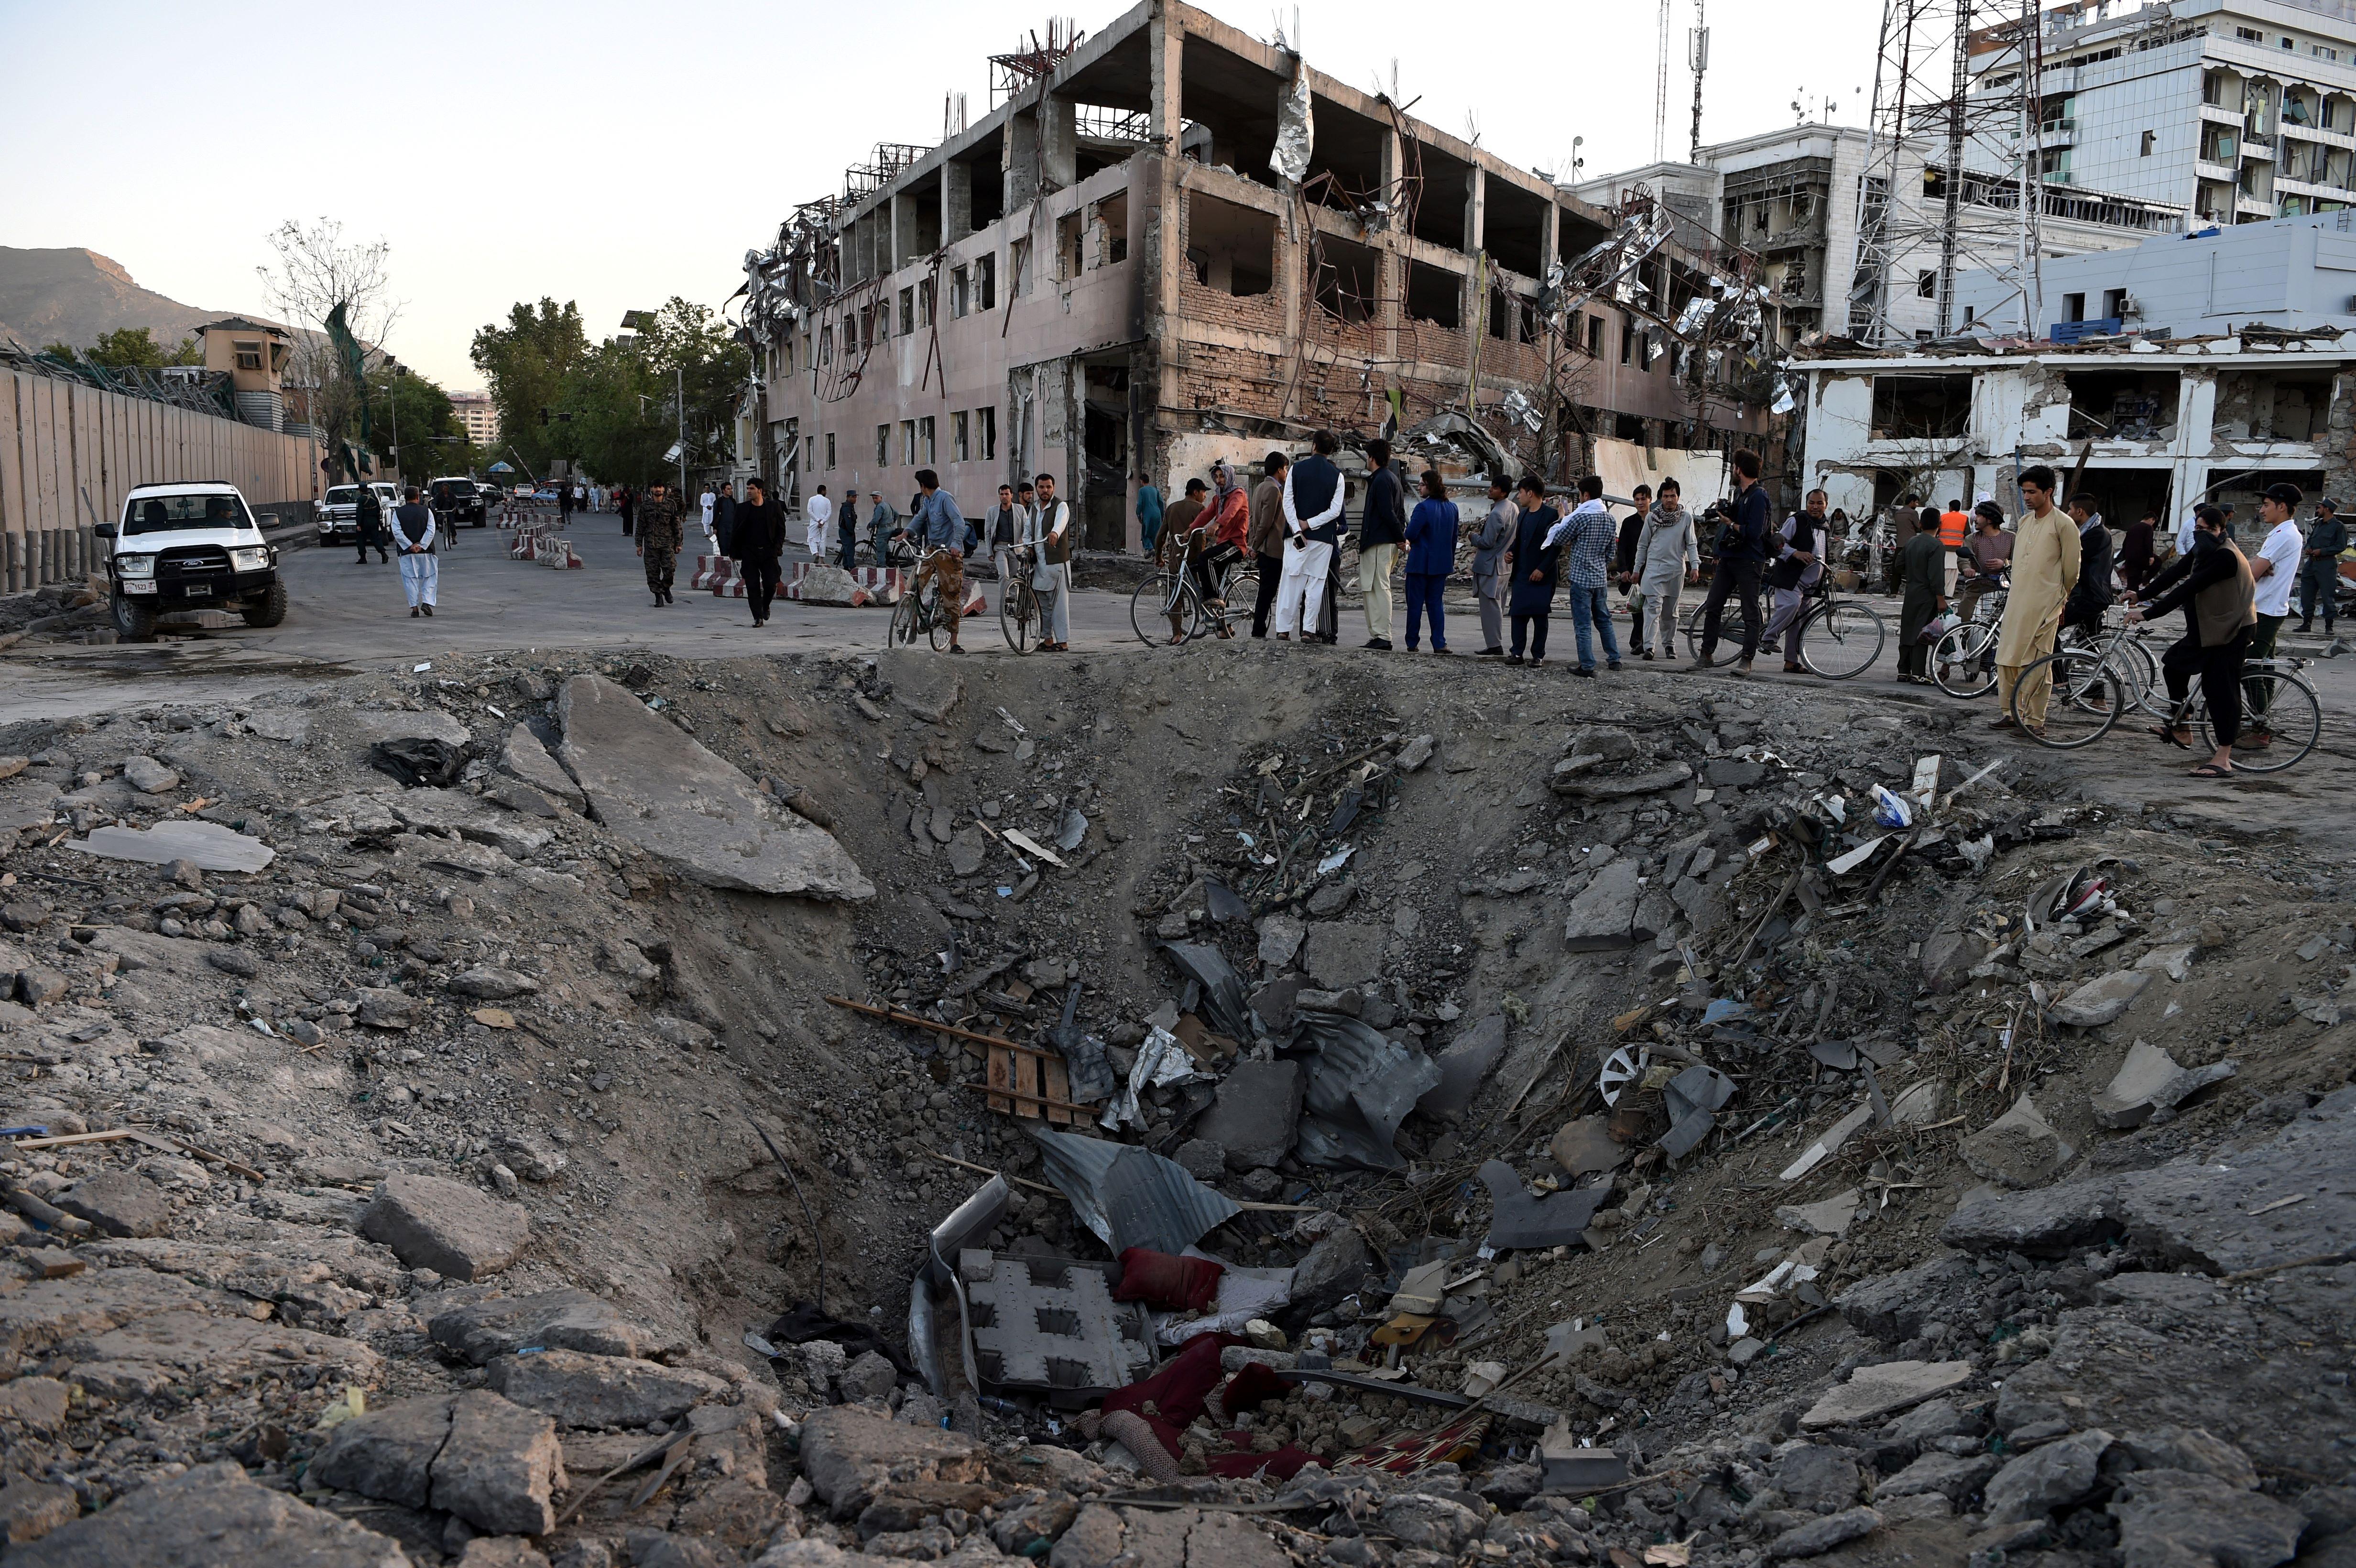 سکوت بعد از انفجار بمب در کابل این سوال را مطرح می کند: کار چه کسی است؟